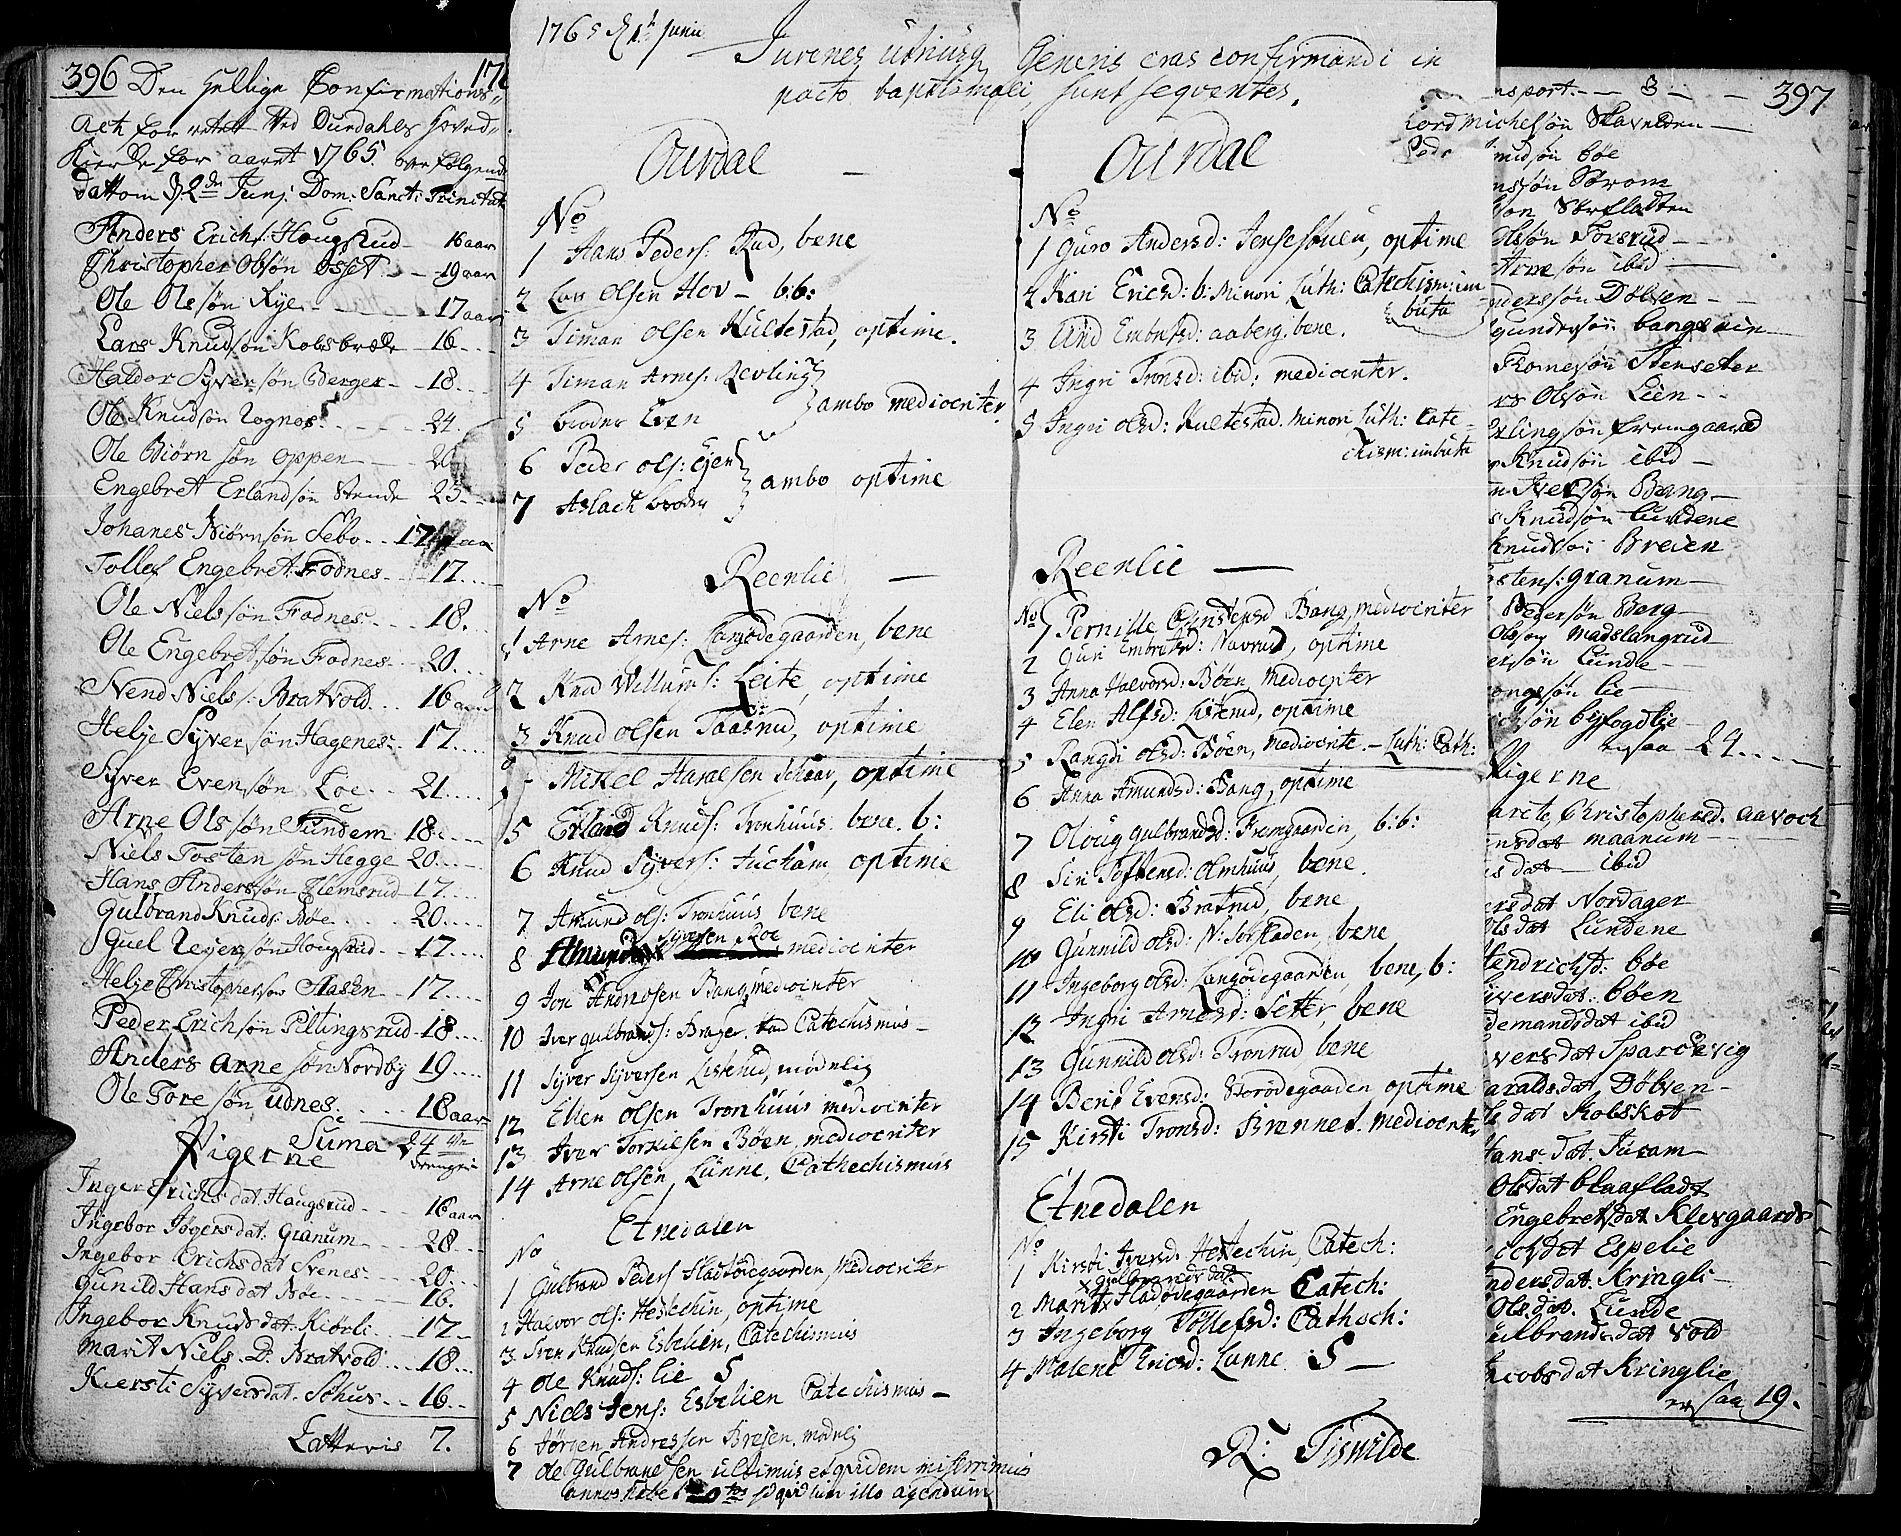 SAH, Aurdal prestekontor, Parish register (official) no. 5, 1763-1781, p. 396-397